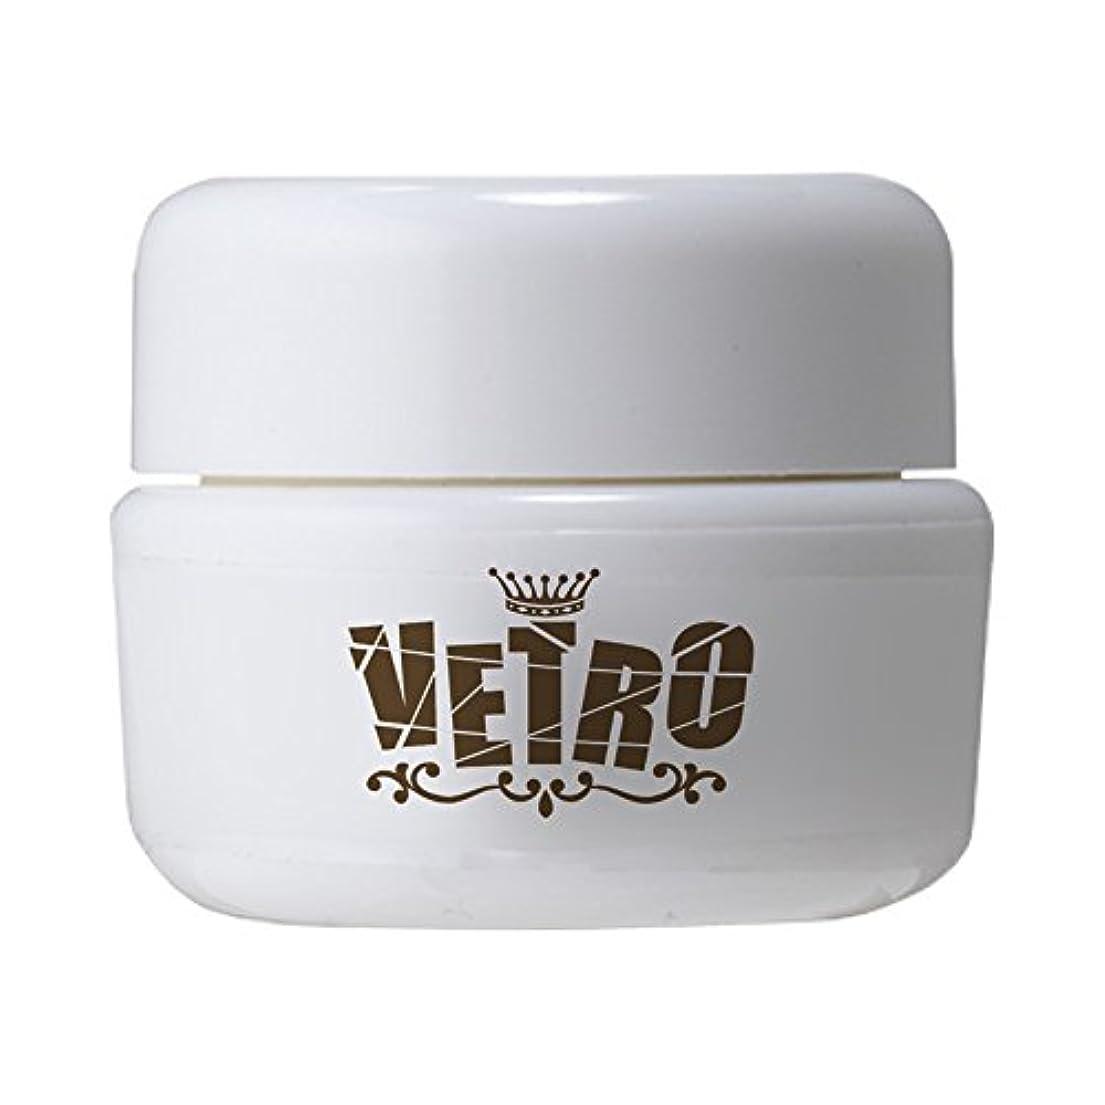 キャンセル冗長不適VETRO No.19 カラージェル グリッター VL326 サンライズリーフ 4ml